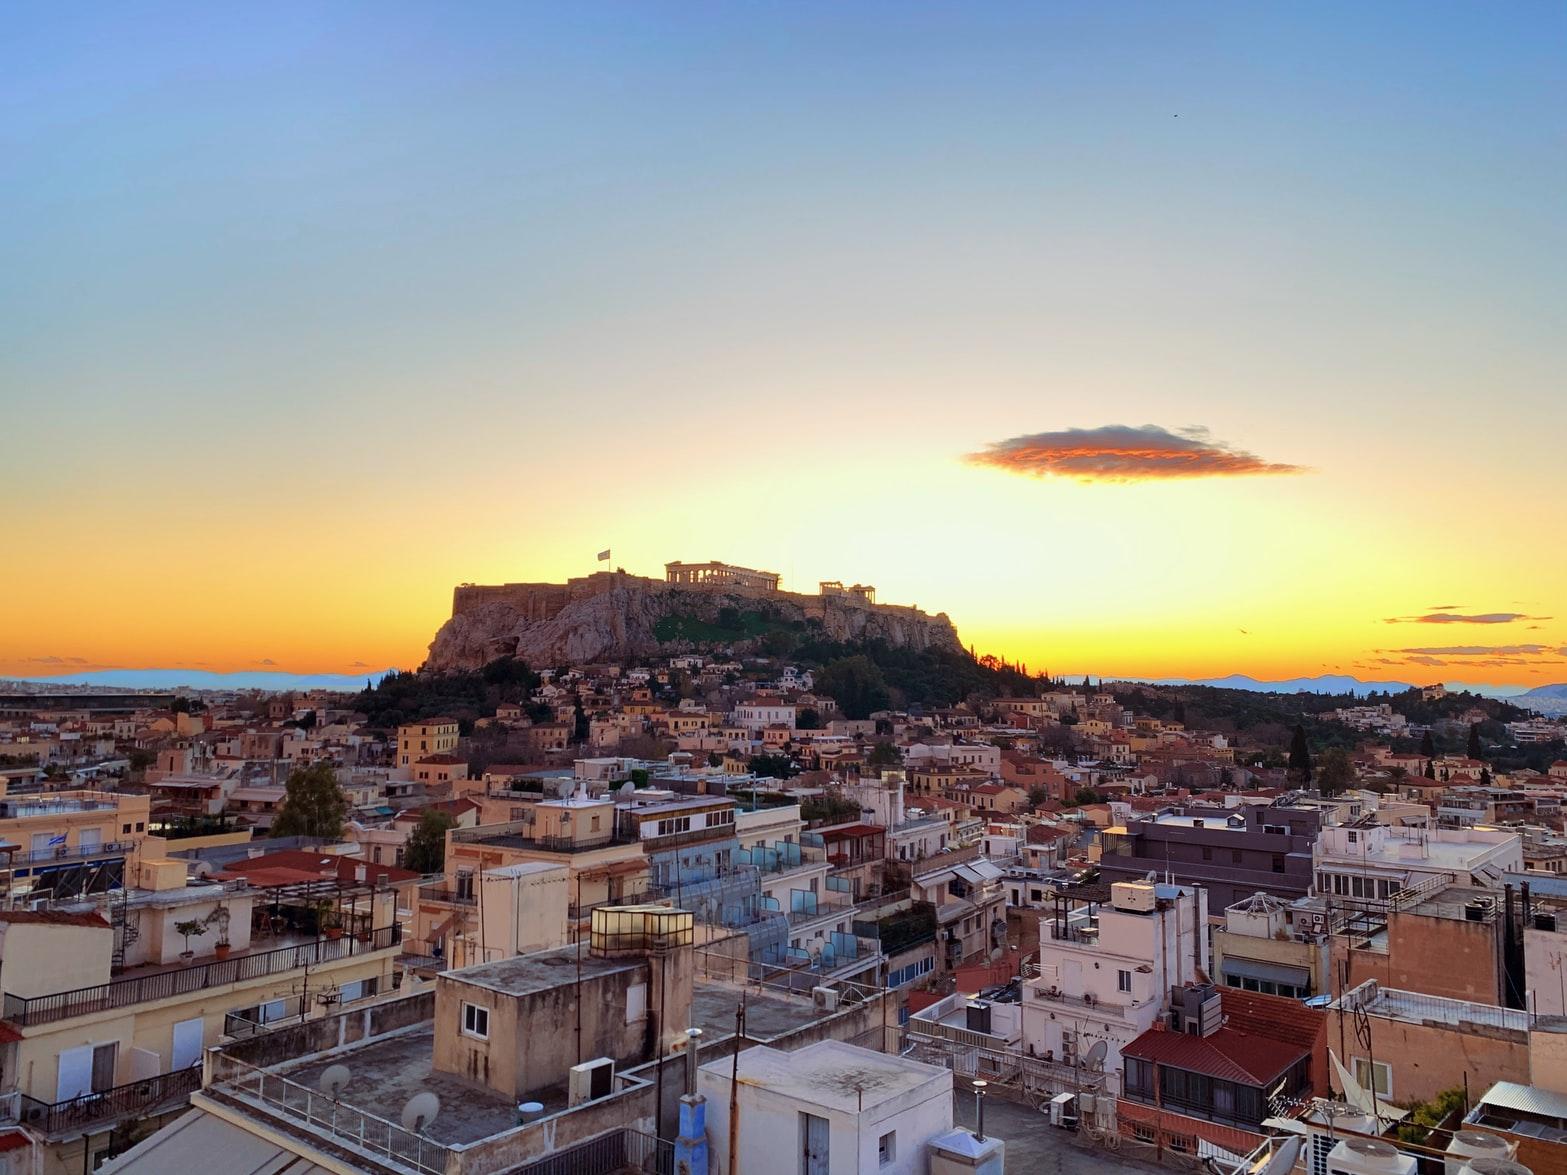 Stadtblick auf die Akropolis in Athen Griechenland